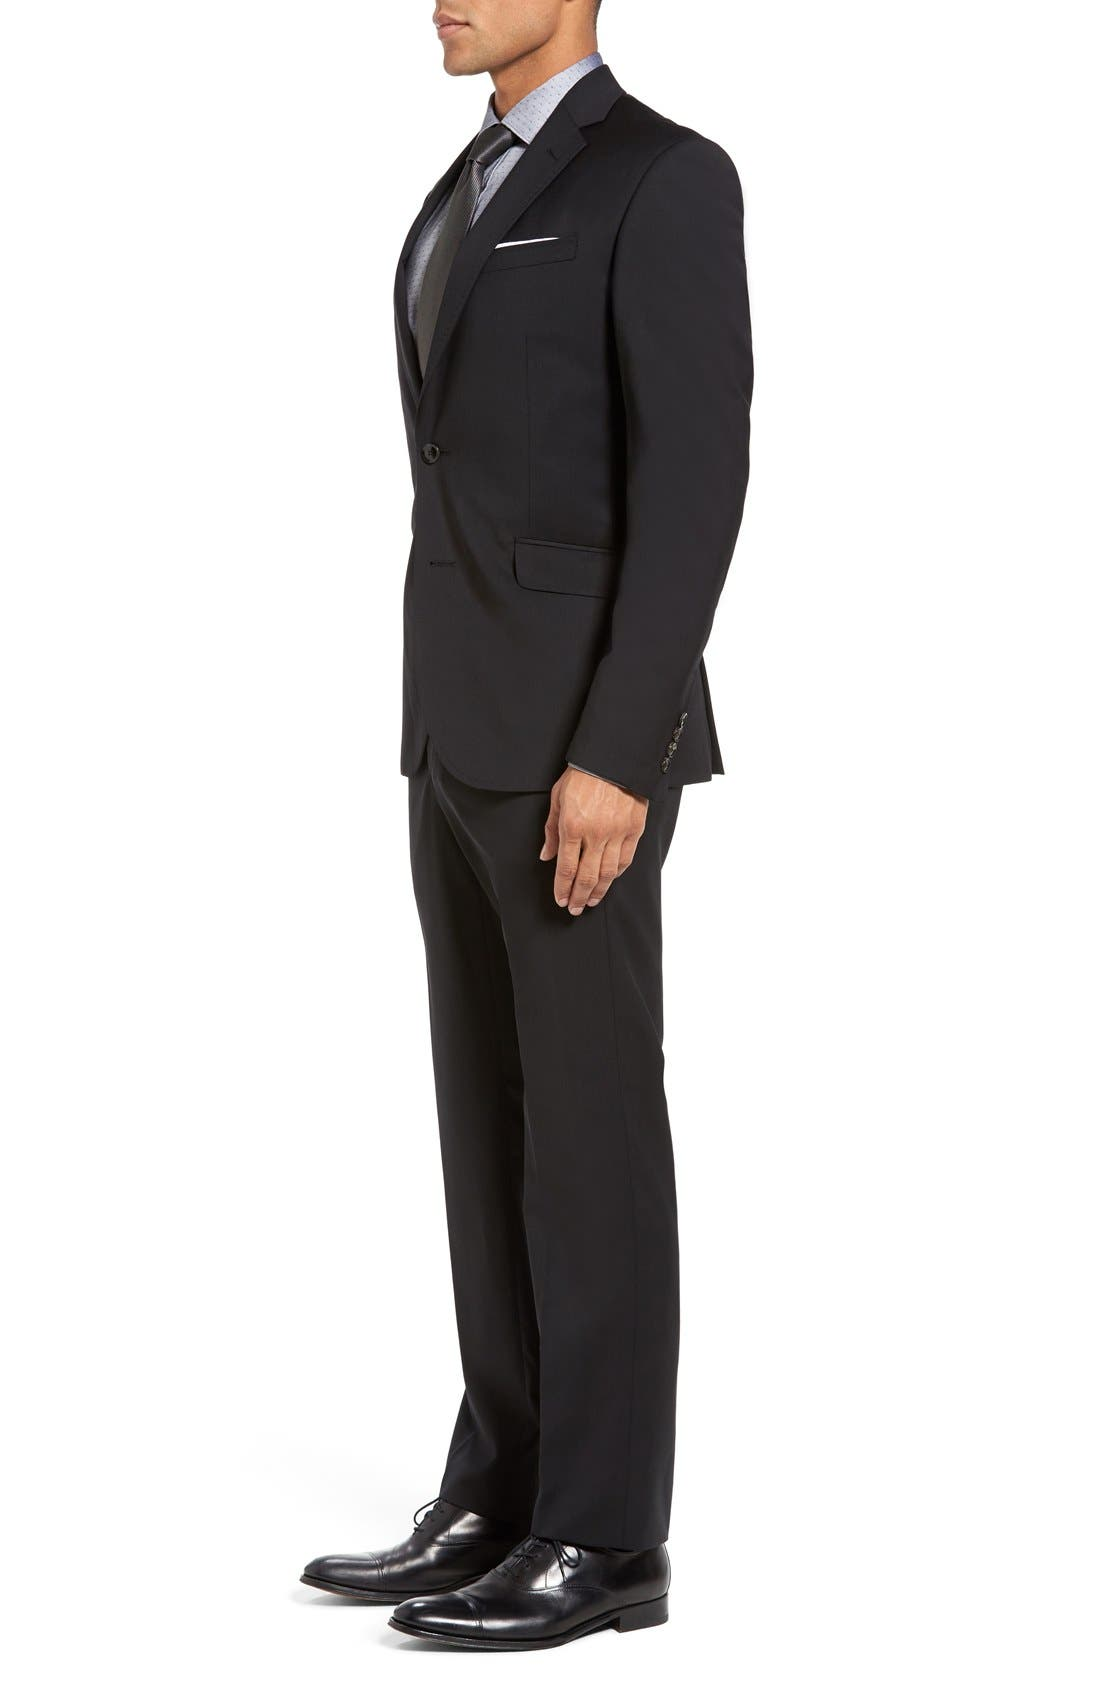 Jones Trim Fit Wool Suit,                             Alternate thumbnail 10, color,                             001